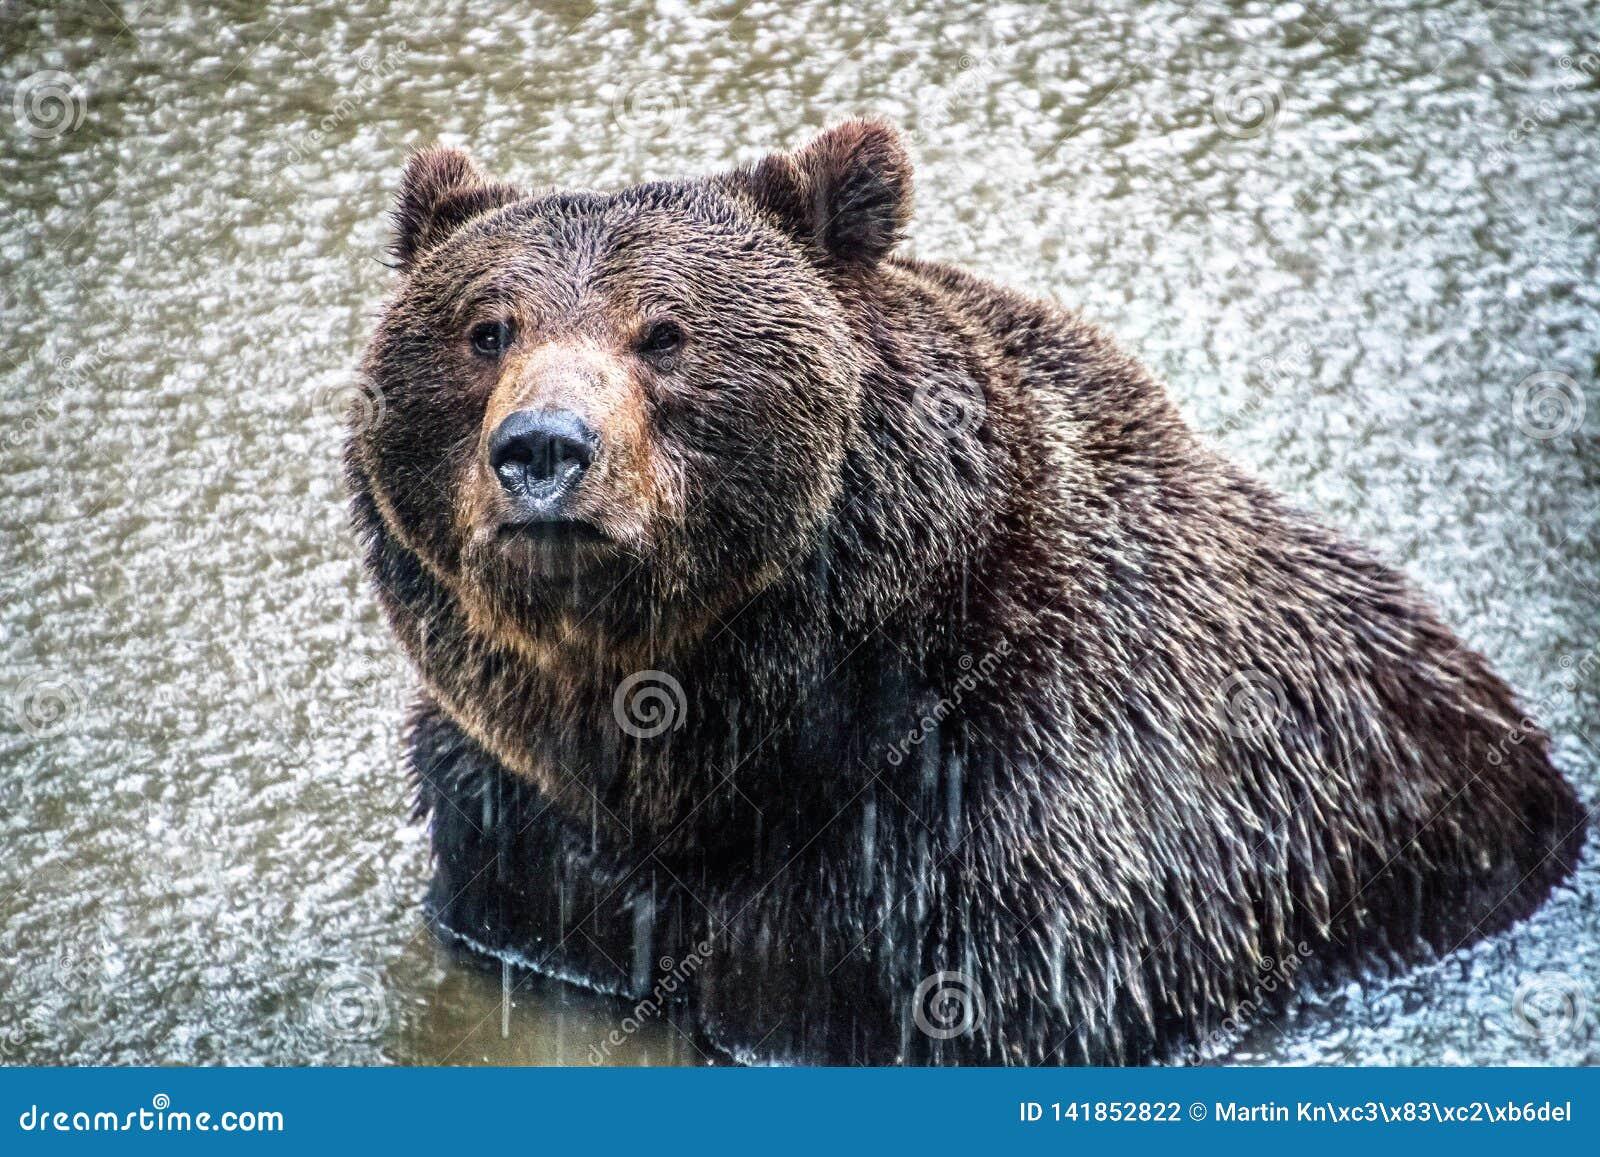 Niedźwiedź brunatny kąpać się w jeziorze podczas gdy padający